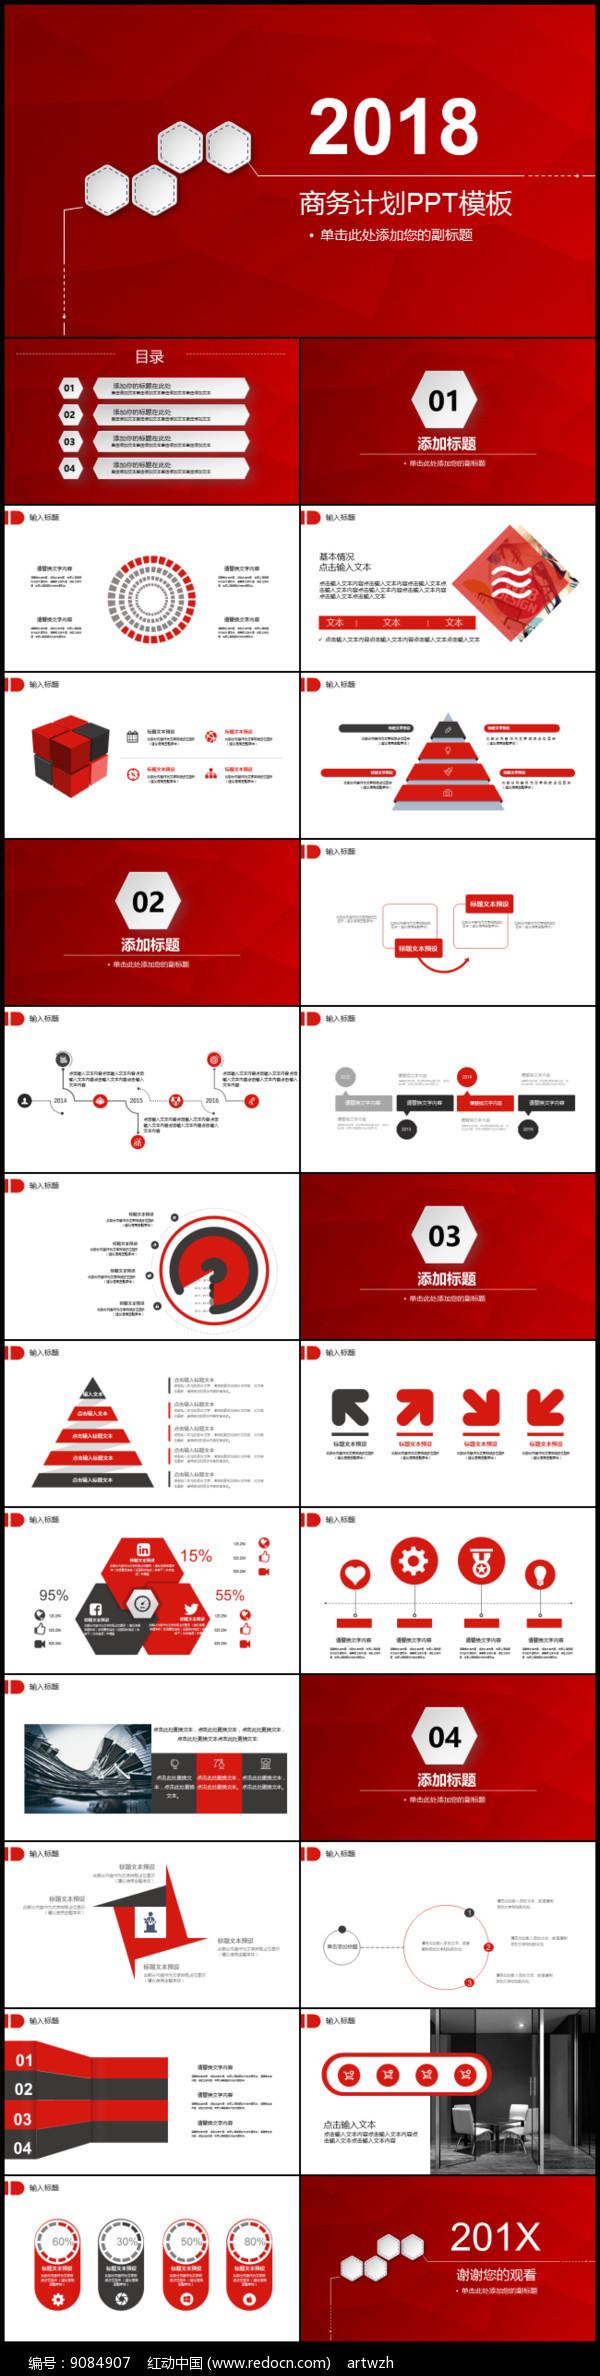 红色六边形风格商务计划PPT图片